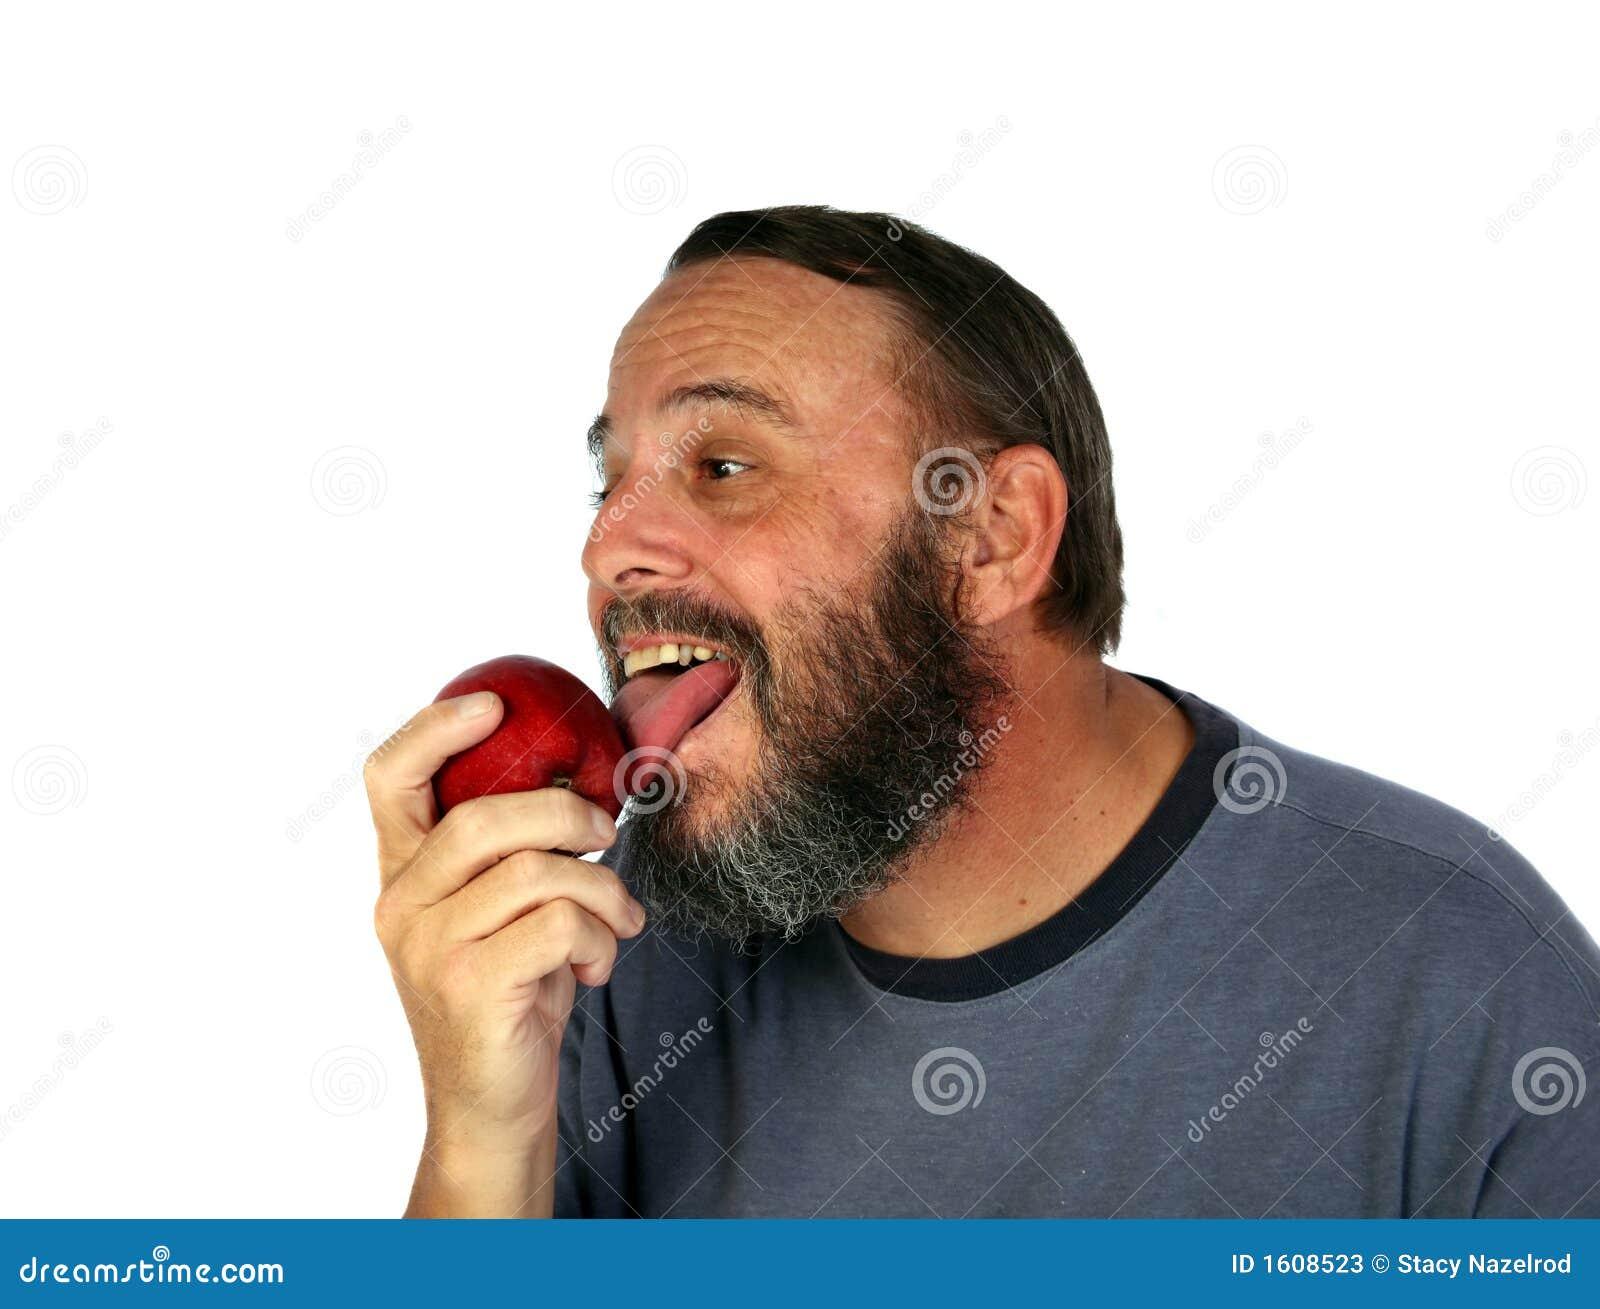 Apple licker